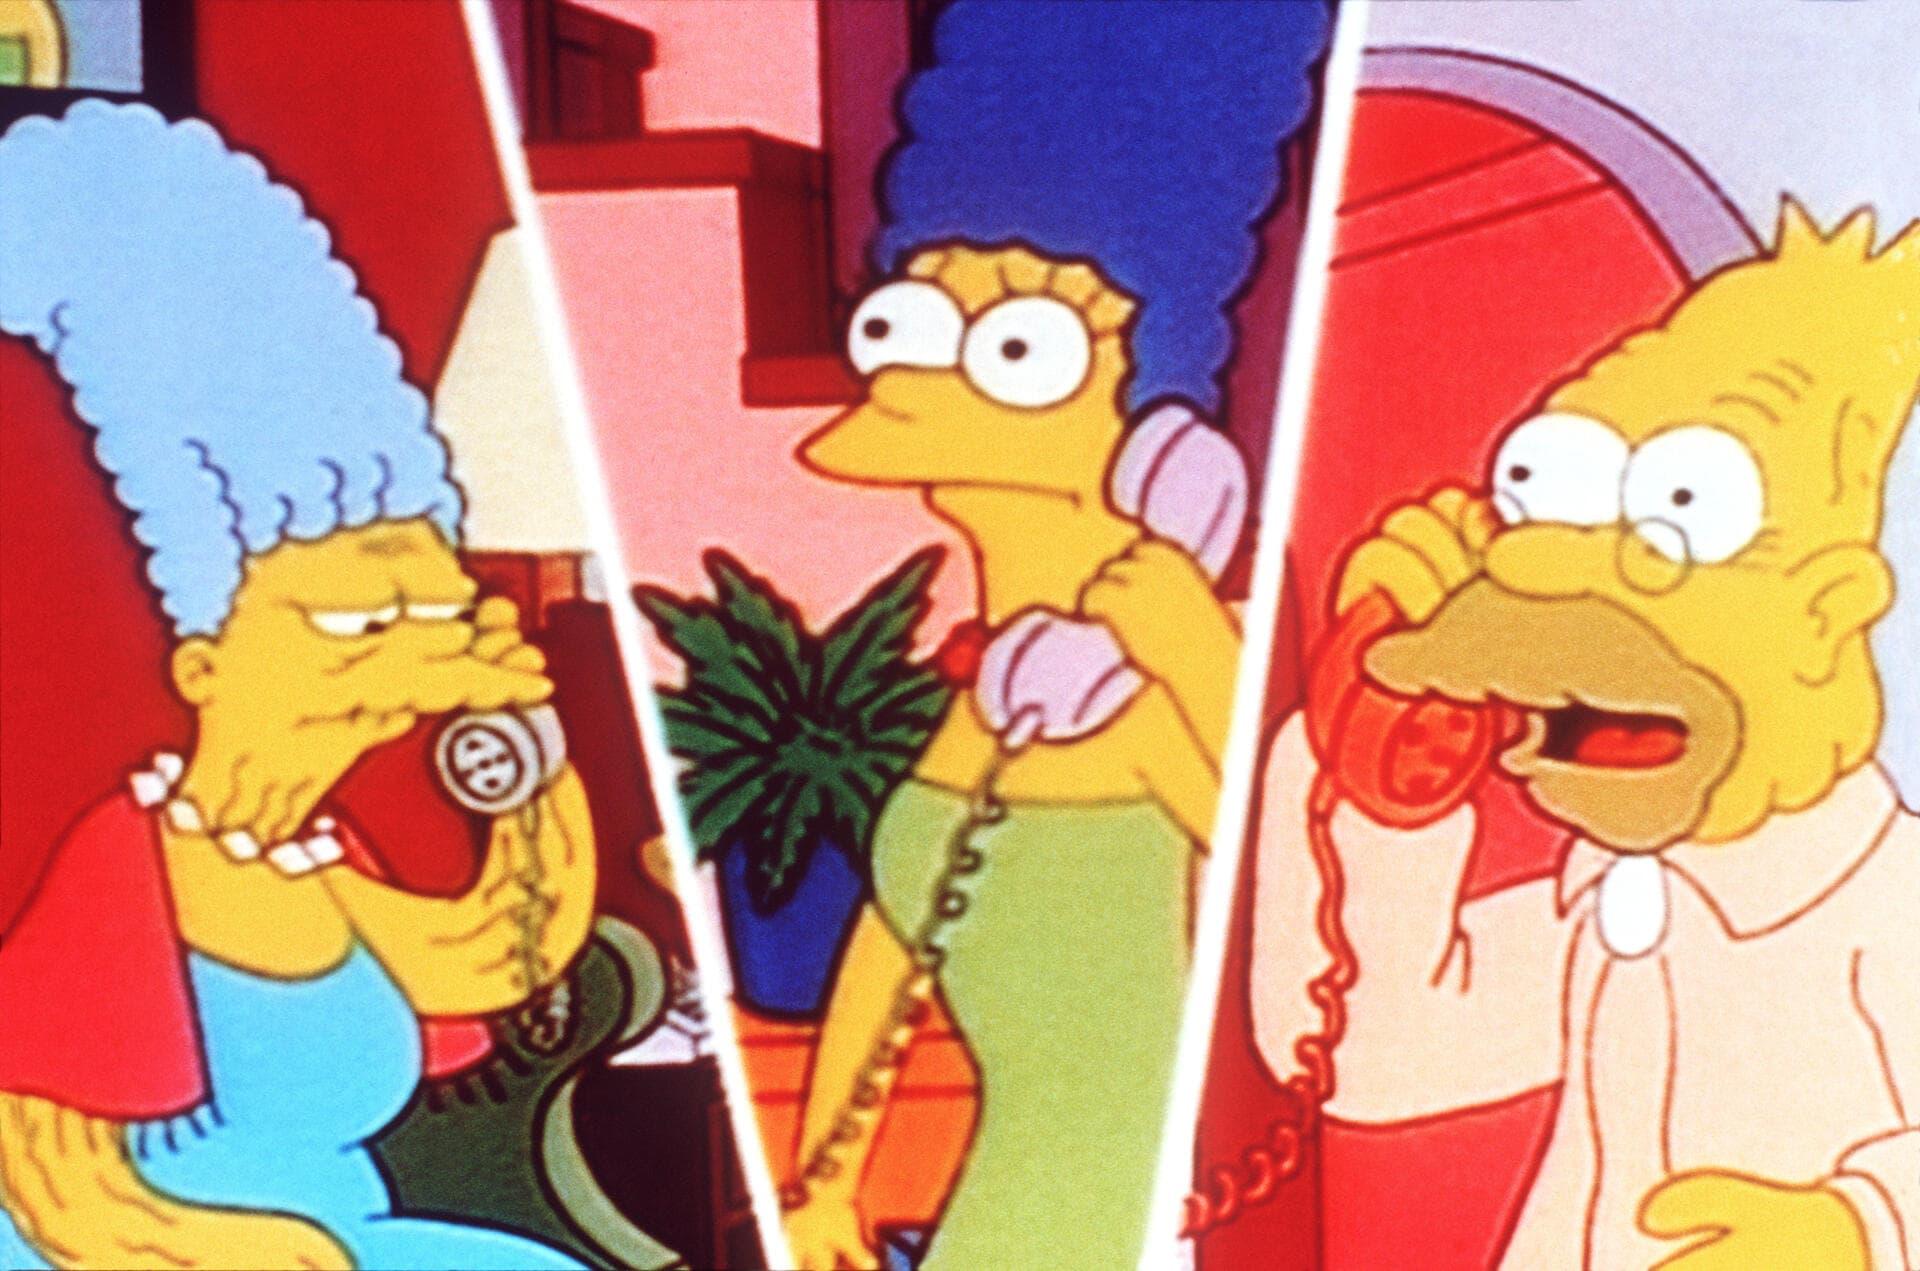 Les Simpson - L'amoureux de grand-mère